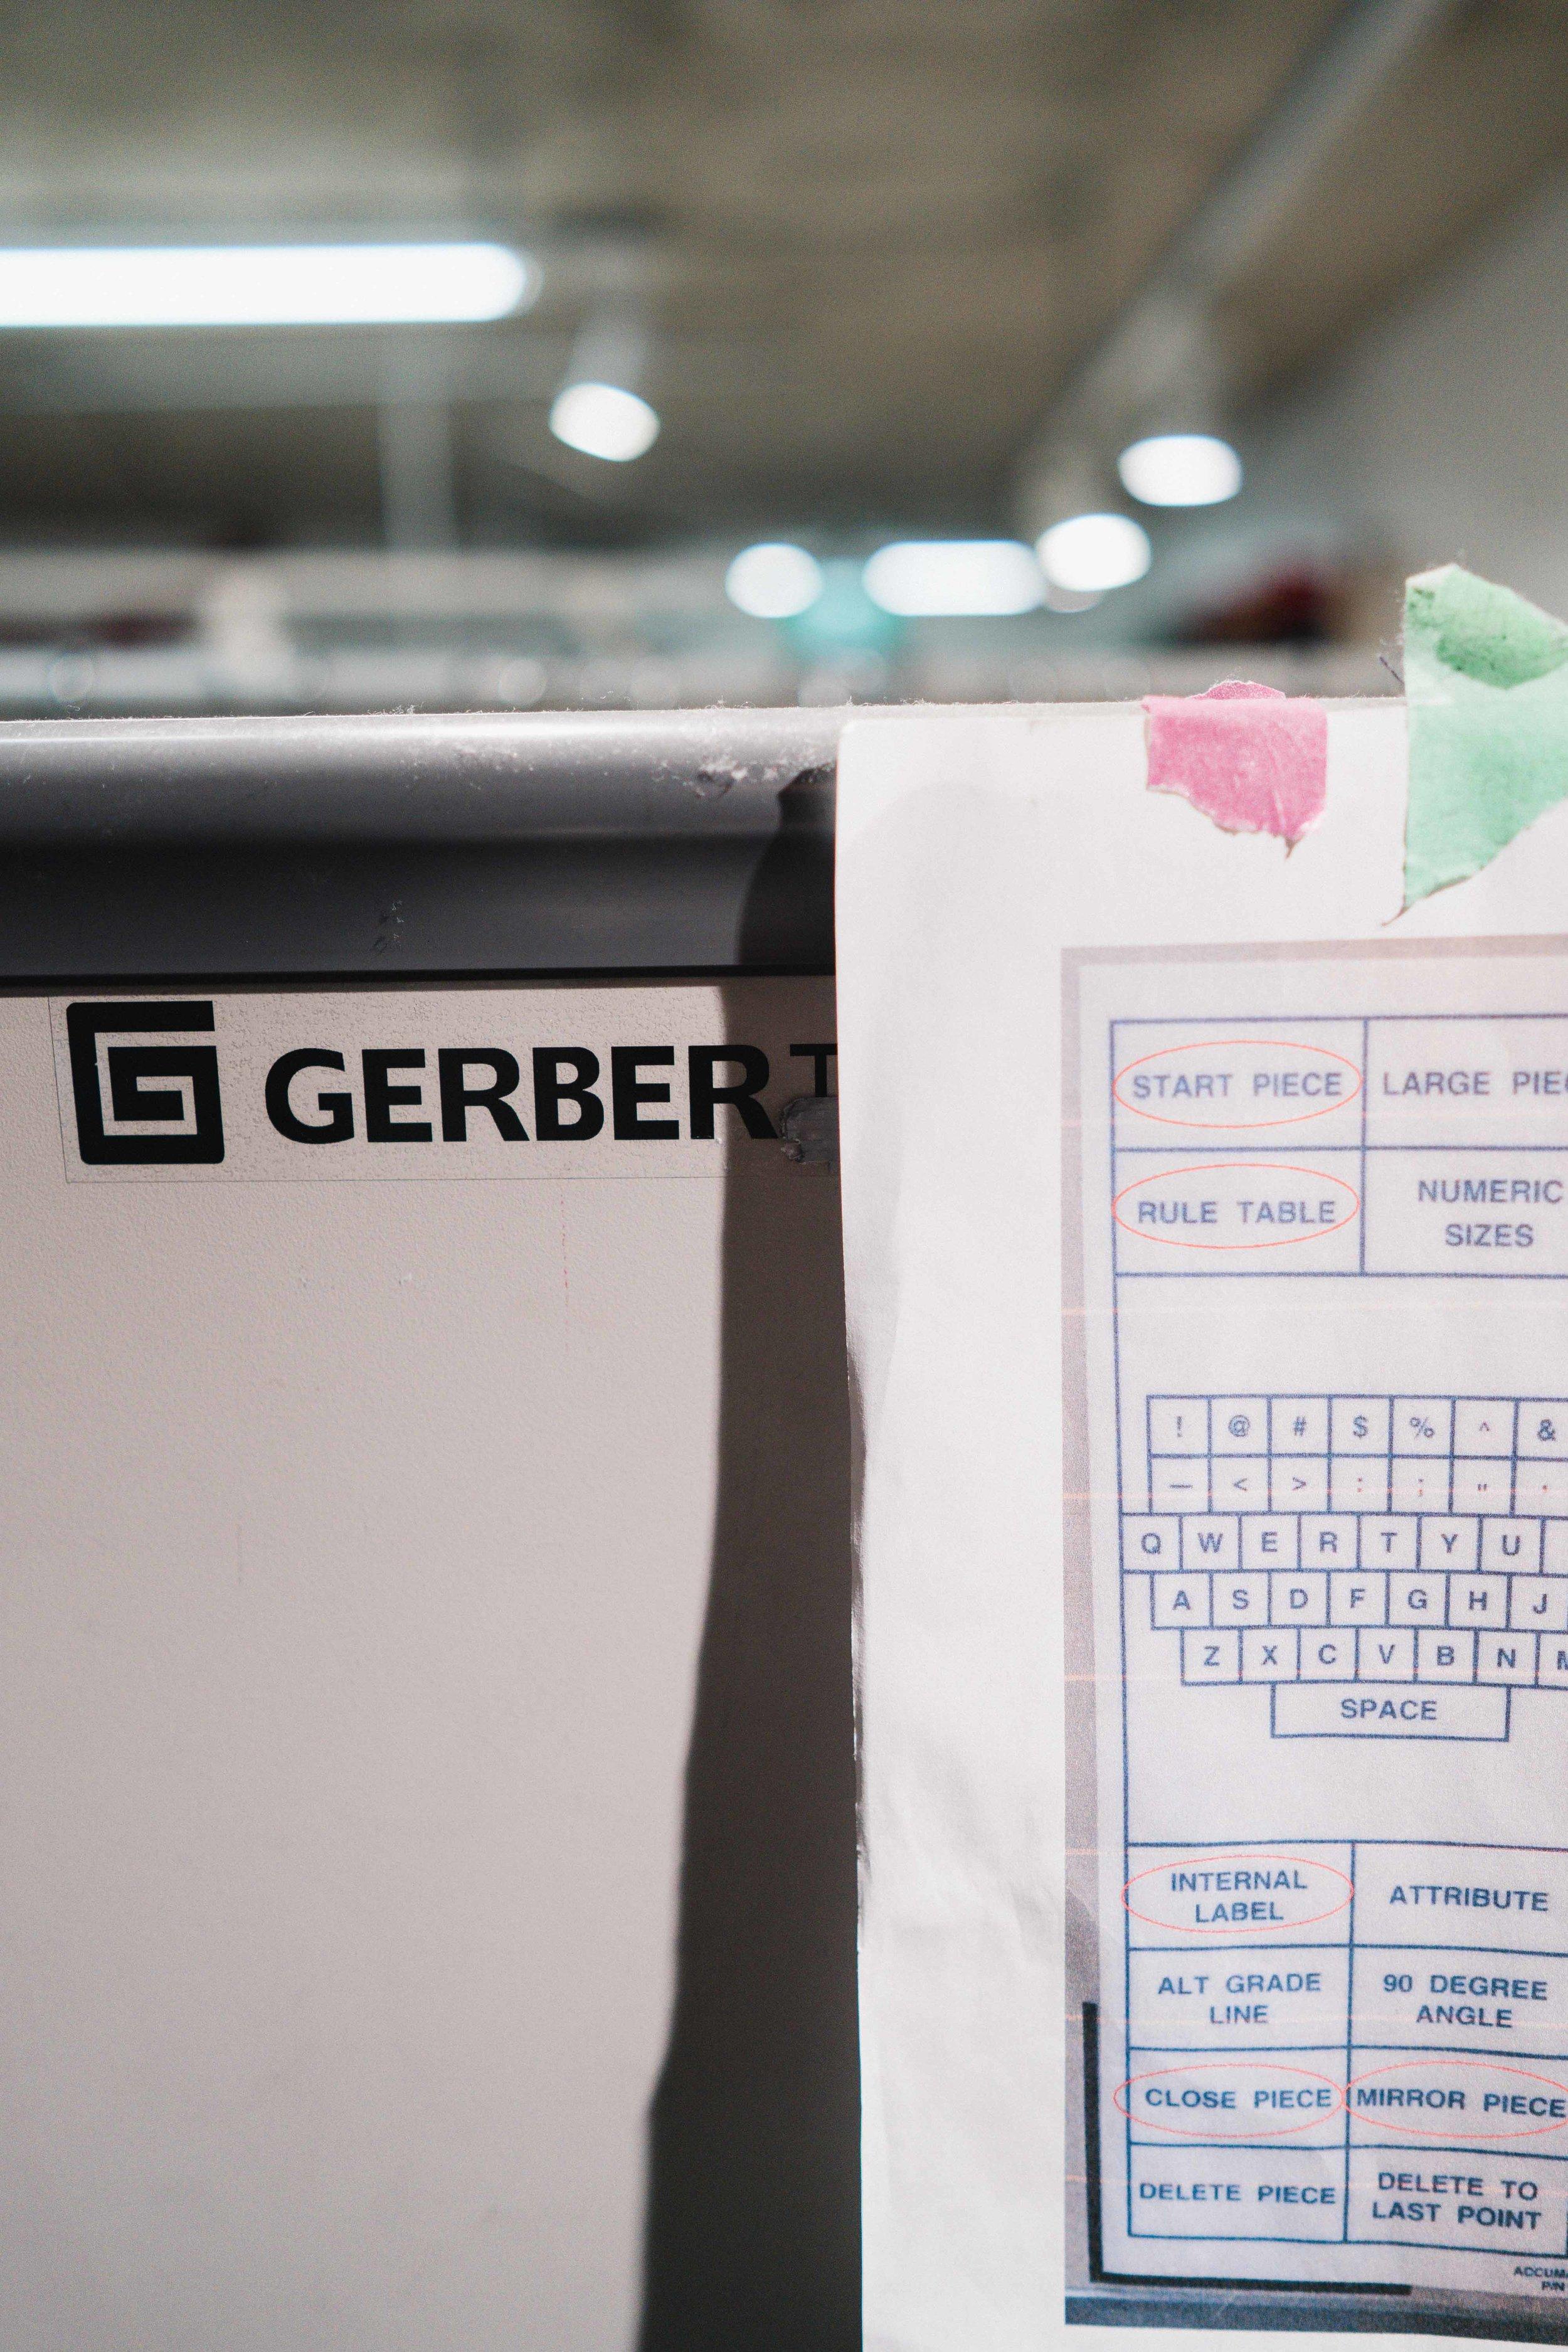 gerber-10.jpg